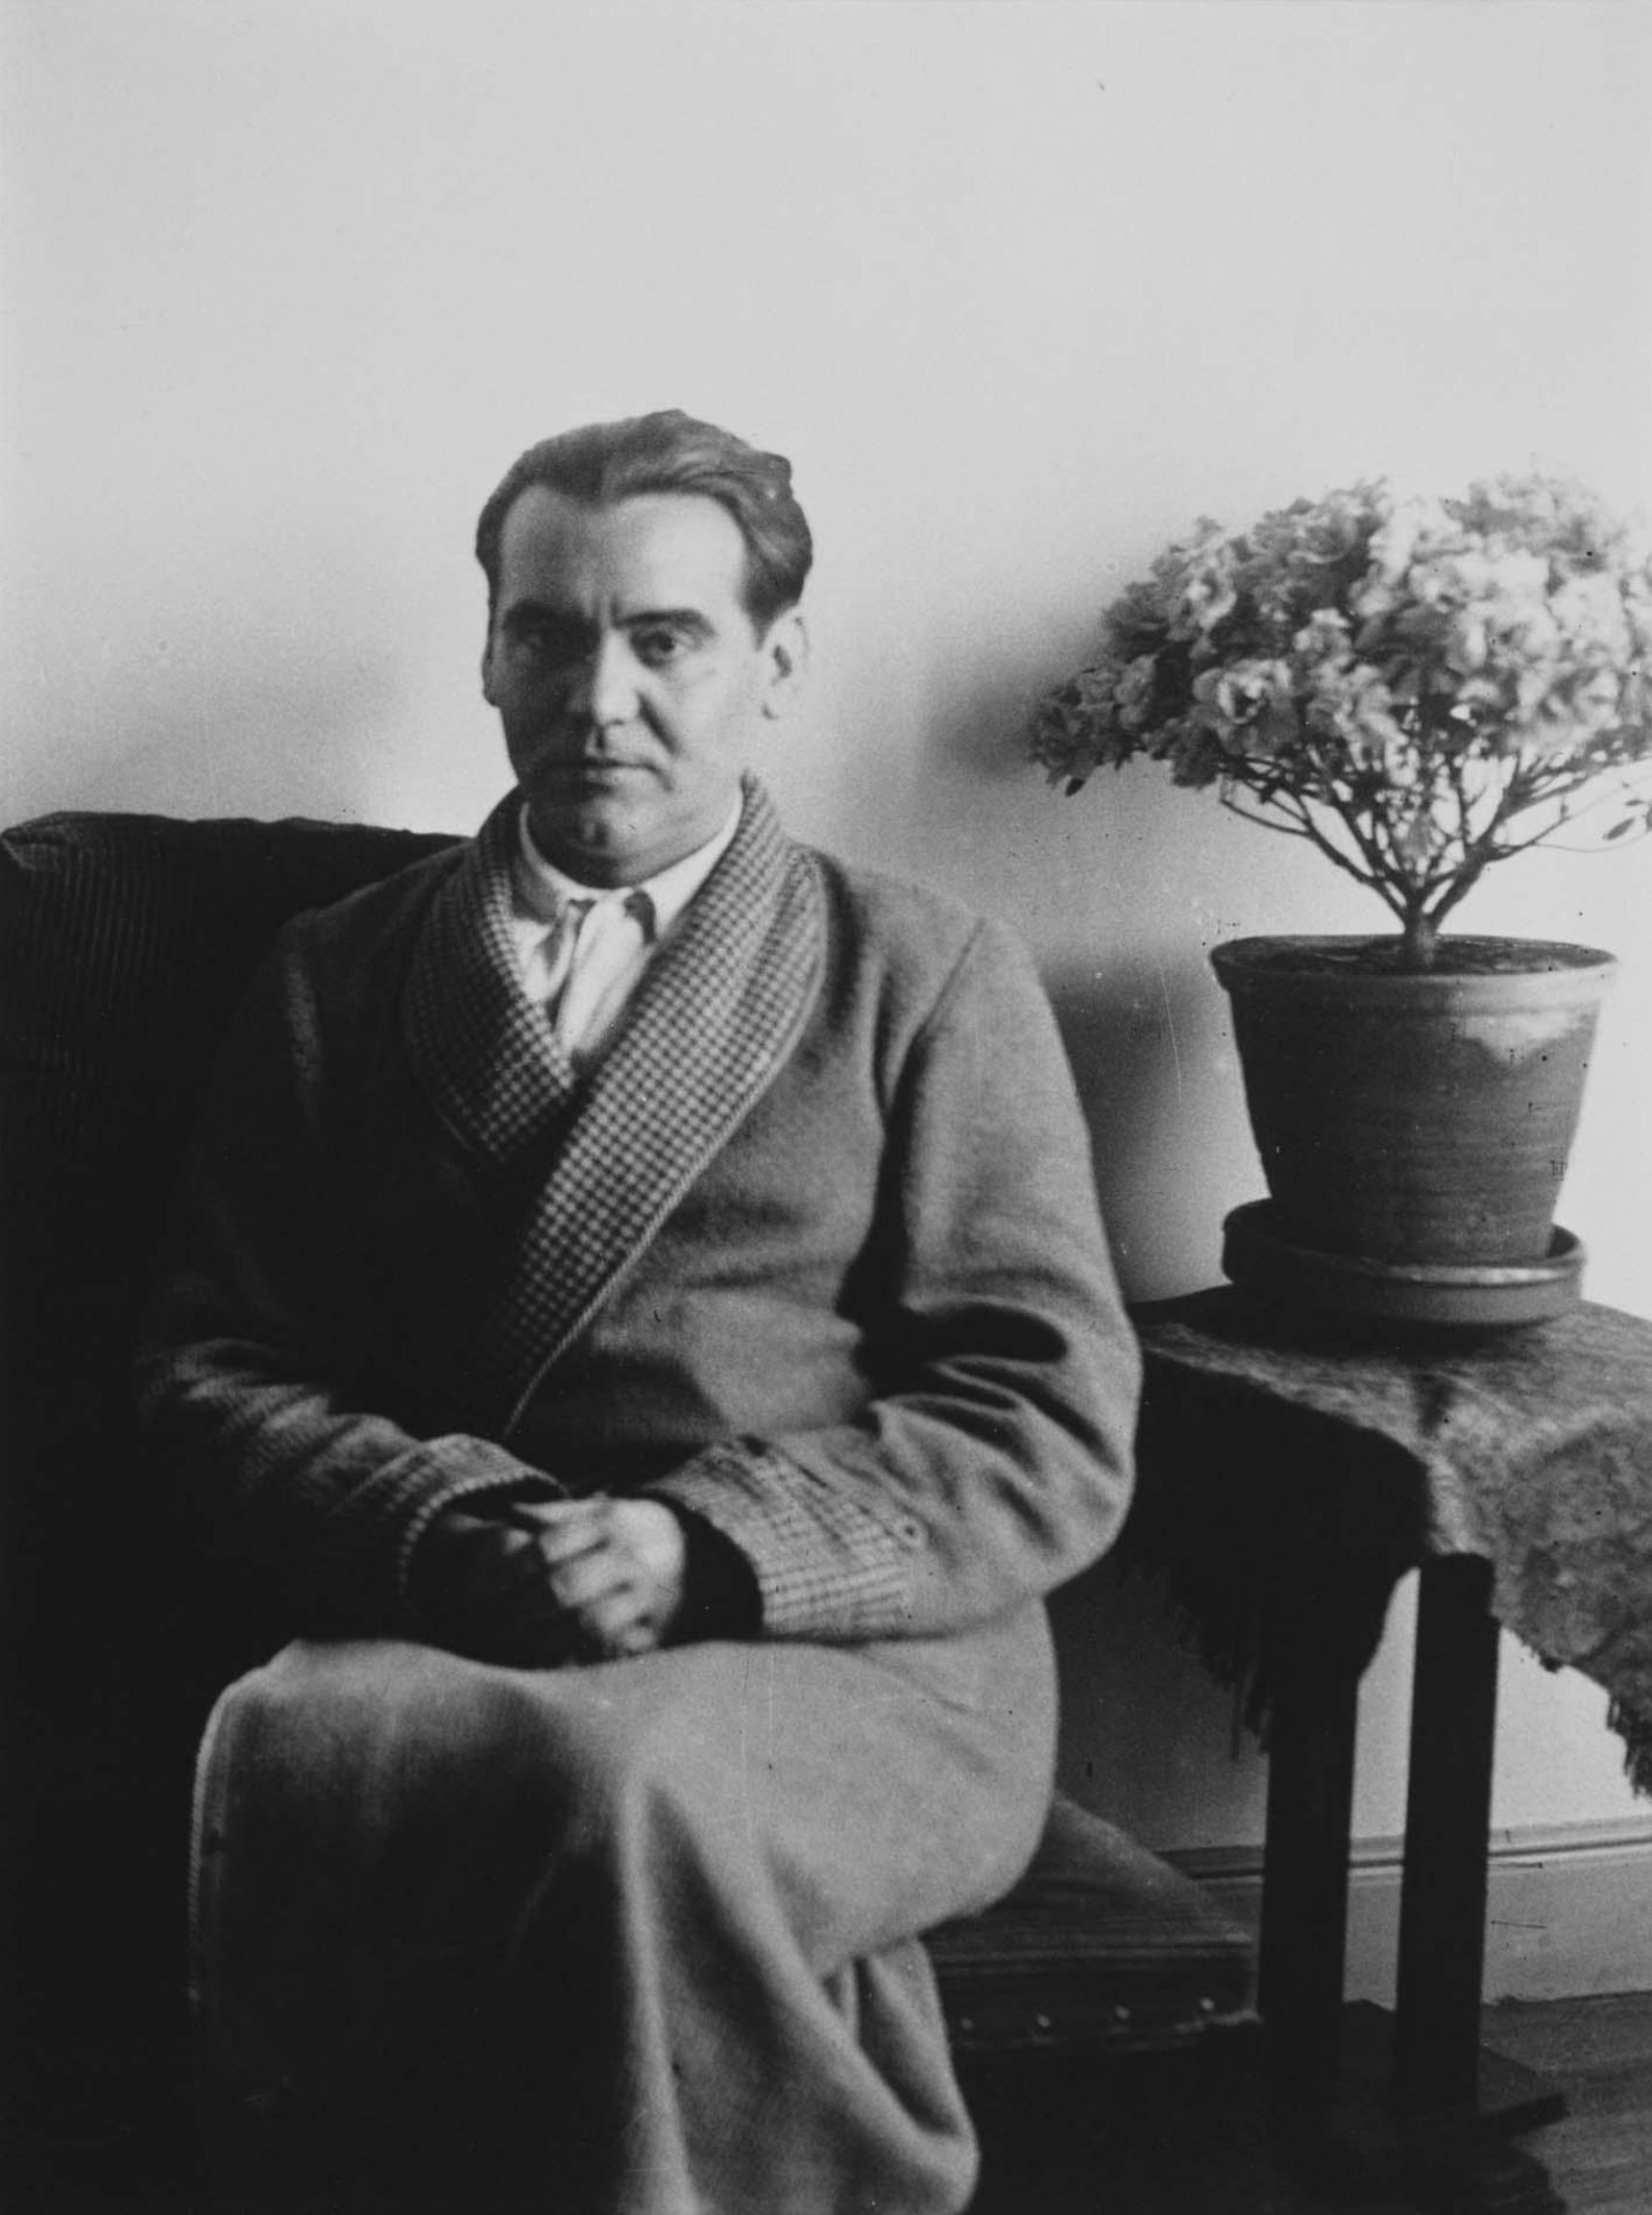 Retrato de Federico García Lorca. Foto de Alfonso Sanchez Portela. 1931.